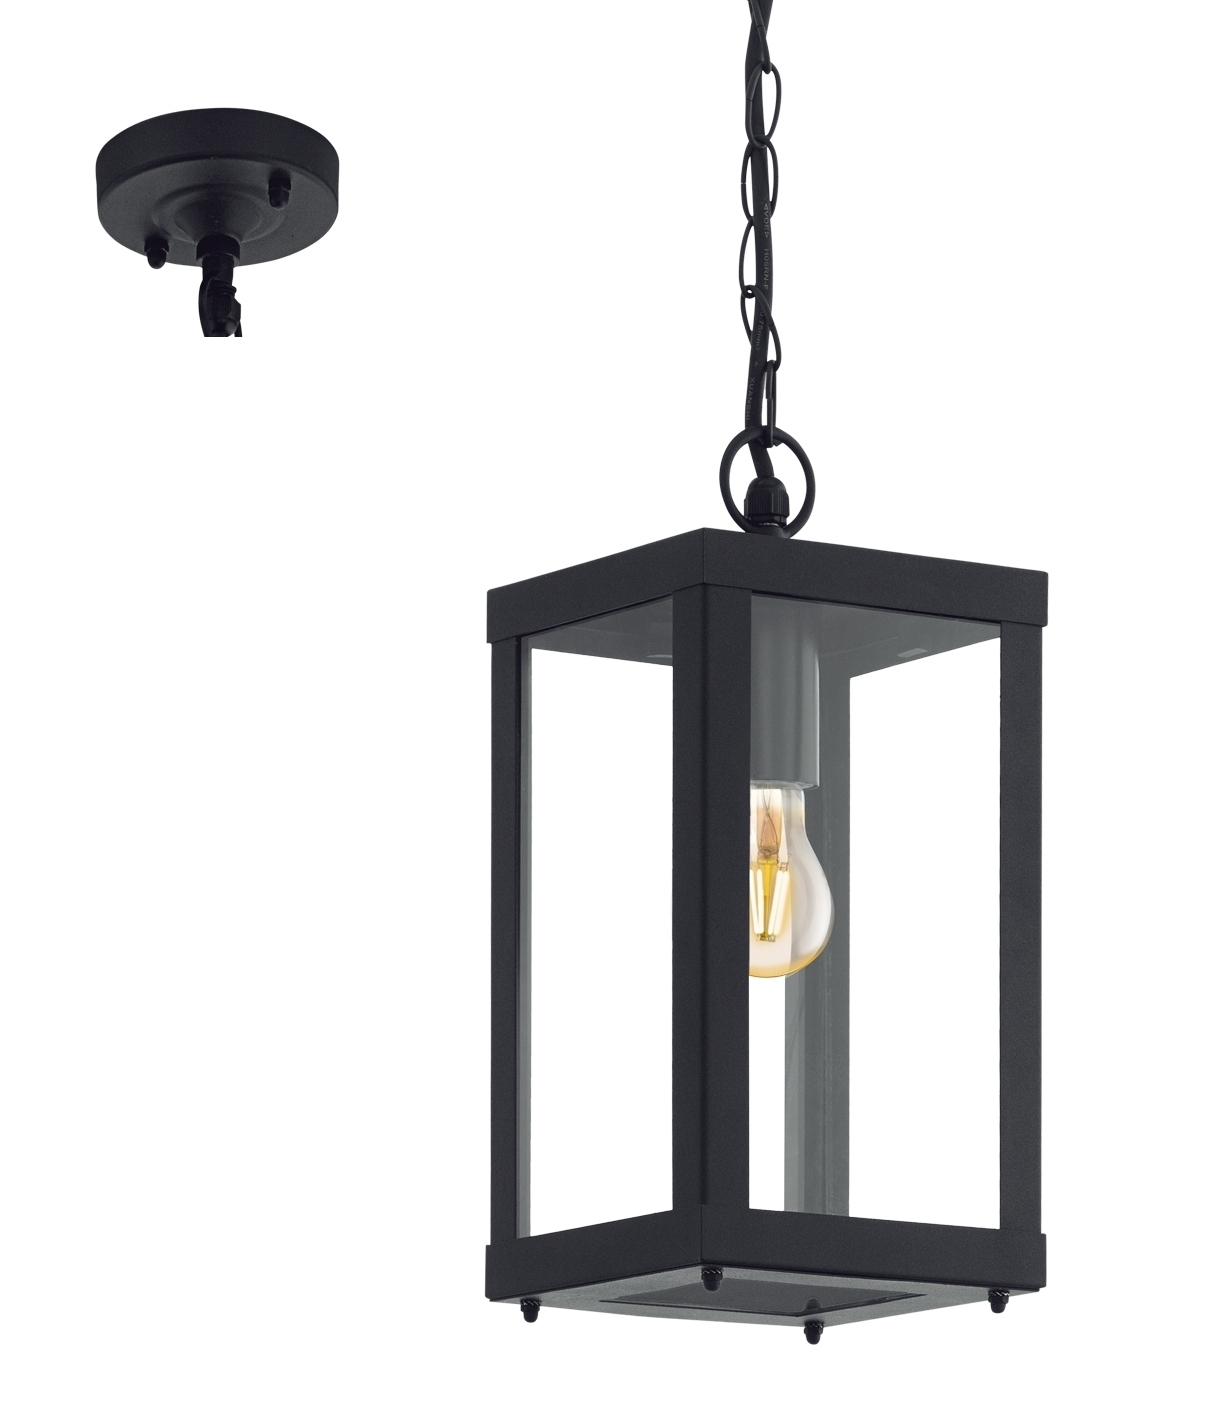 Black Square Exterior Hanging Porch Lantern Outdoor Pendant Lighting Exterior Pendant Lights Porch Lanterns